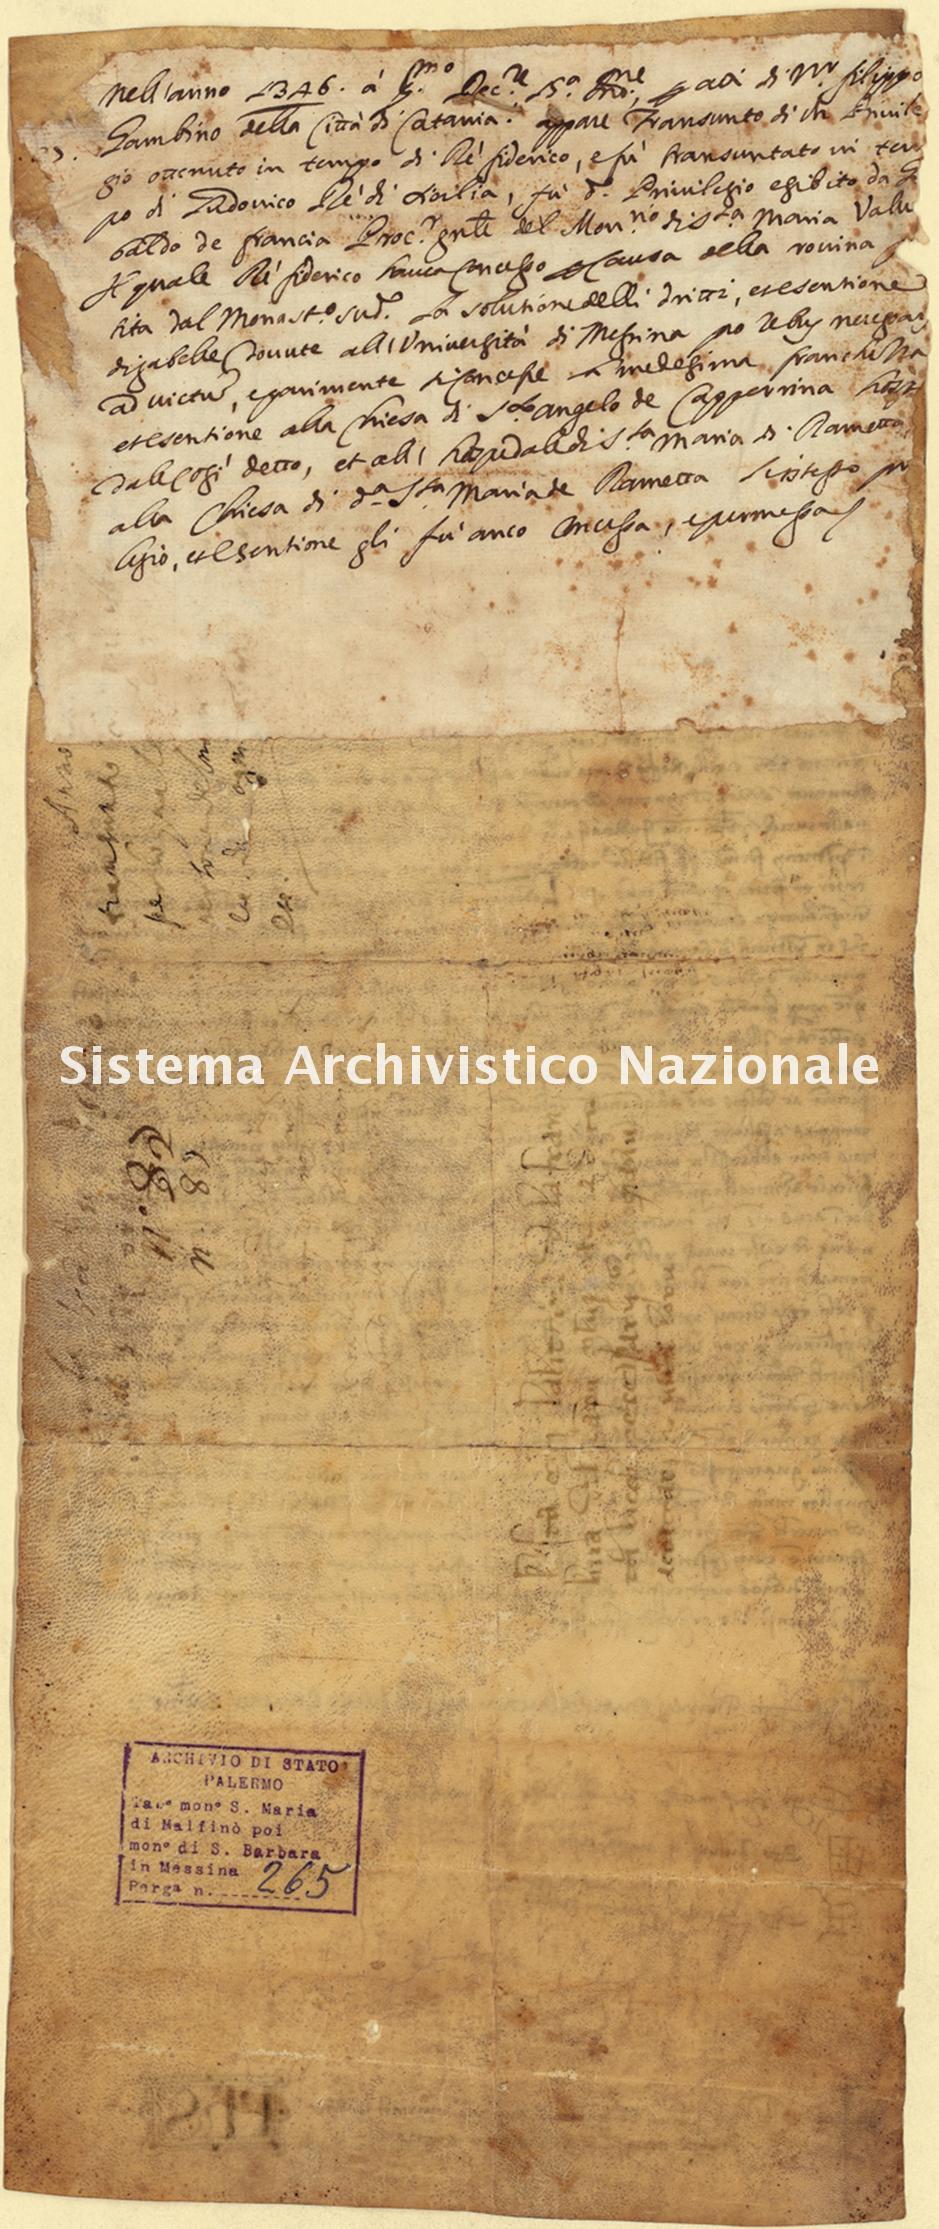 Archivio di Stato di Palermo, Diplomatico, Tabulario del monastero di Santa Maria di Malfinò poi Santa Barbara, Pergamena TSMM 265